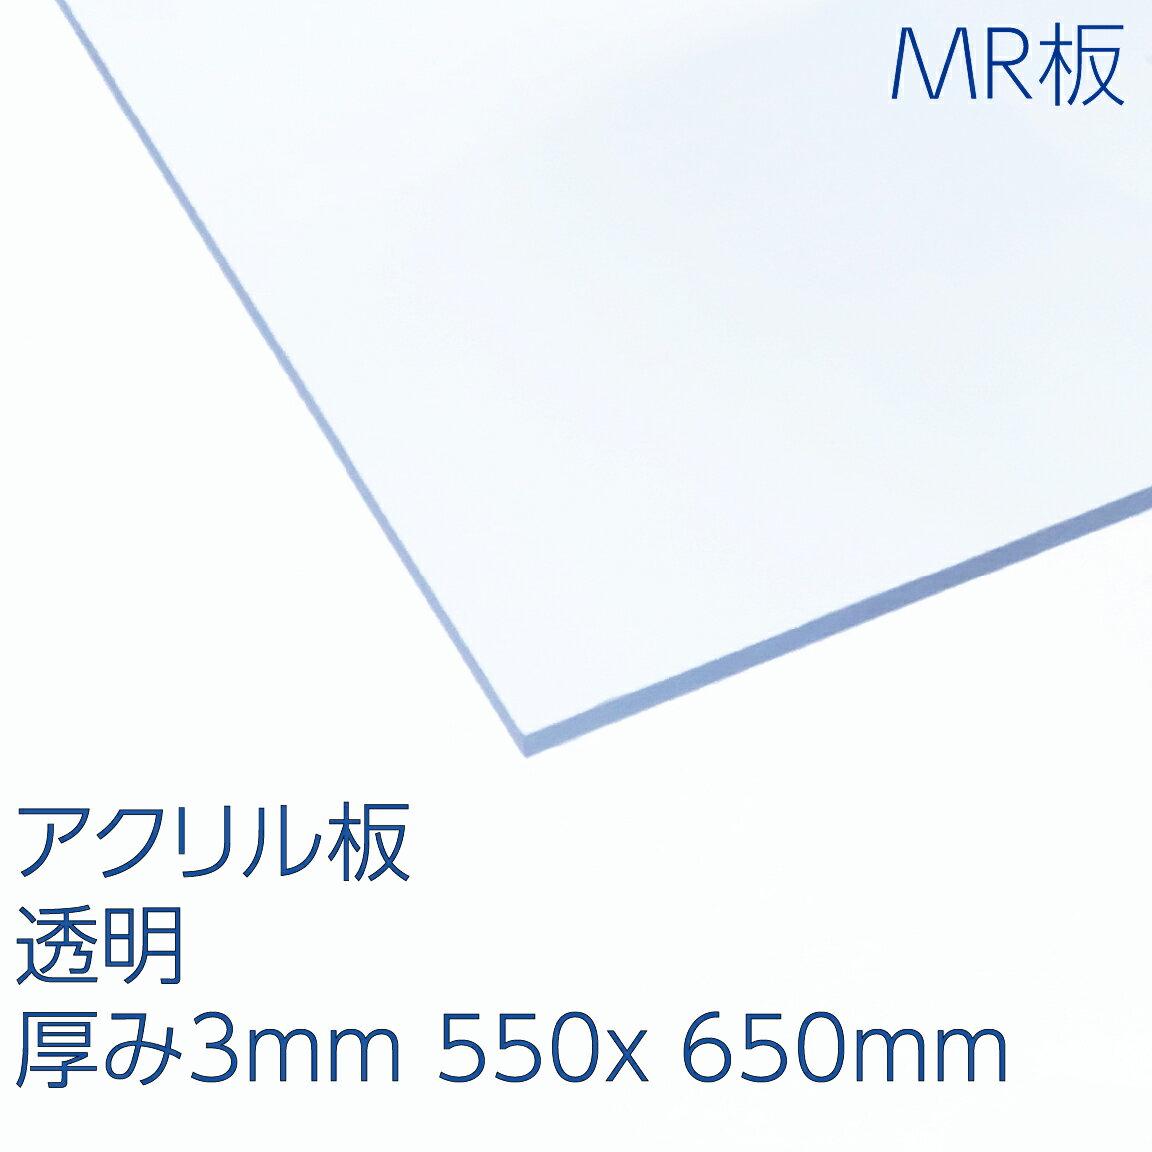 アクリサンデーMR板透明 厚み3mm 550X650mm [アクリル板 クリア 硬化 ハードコート 強化]